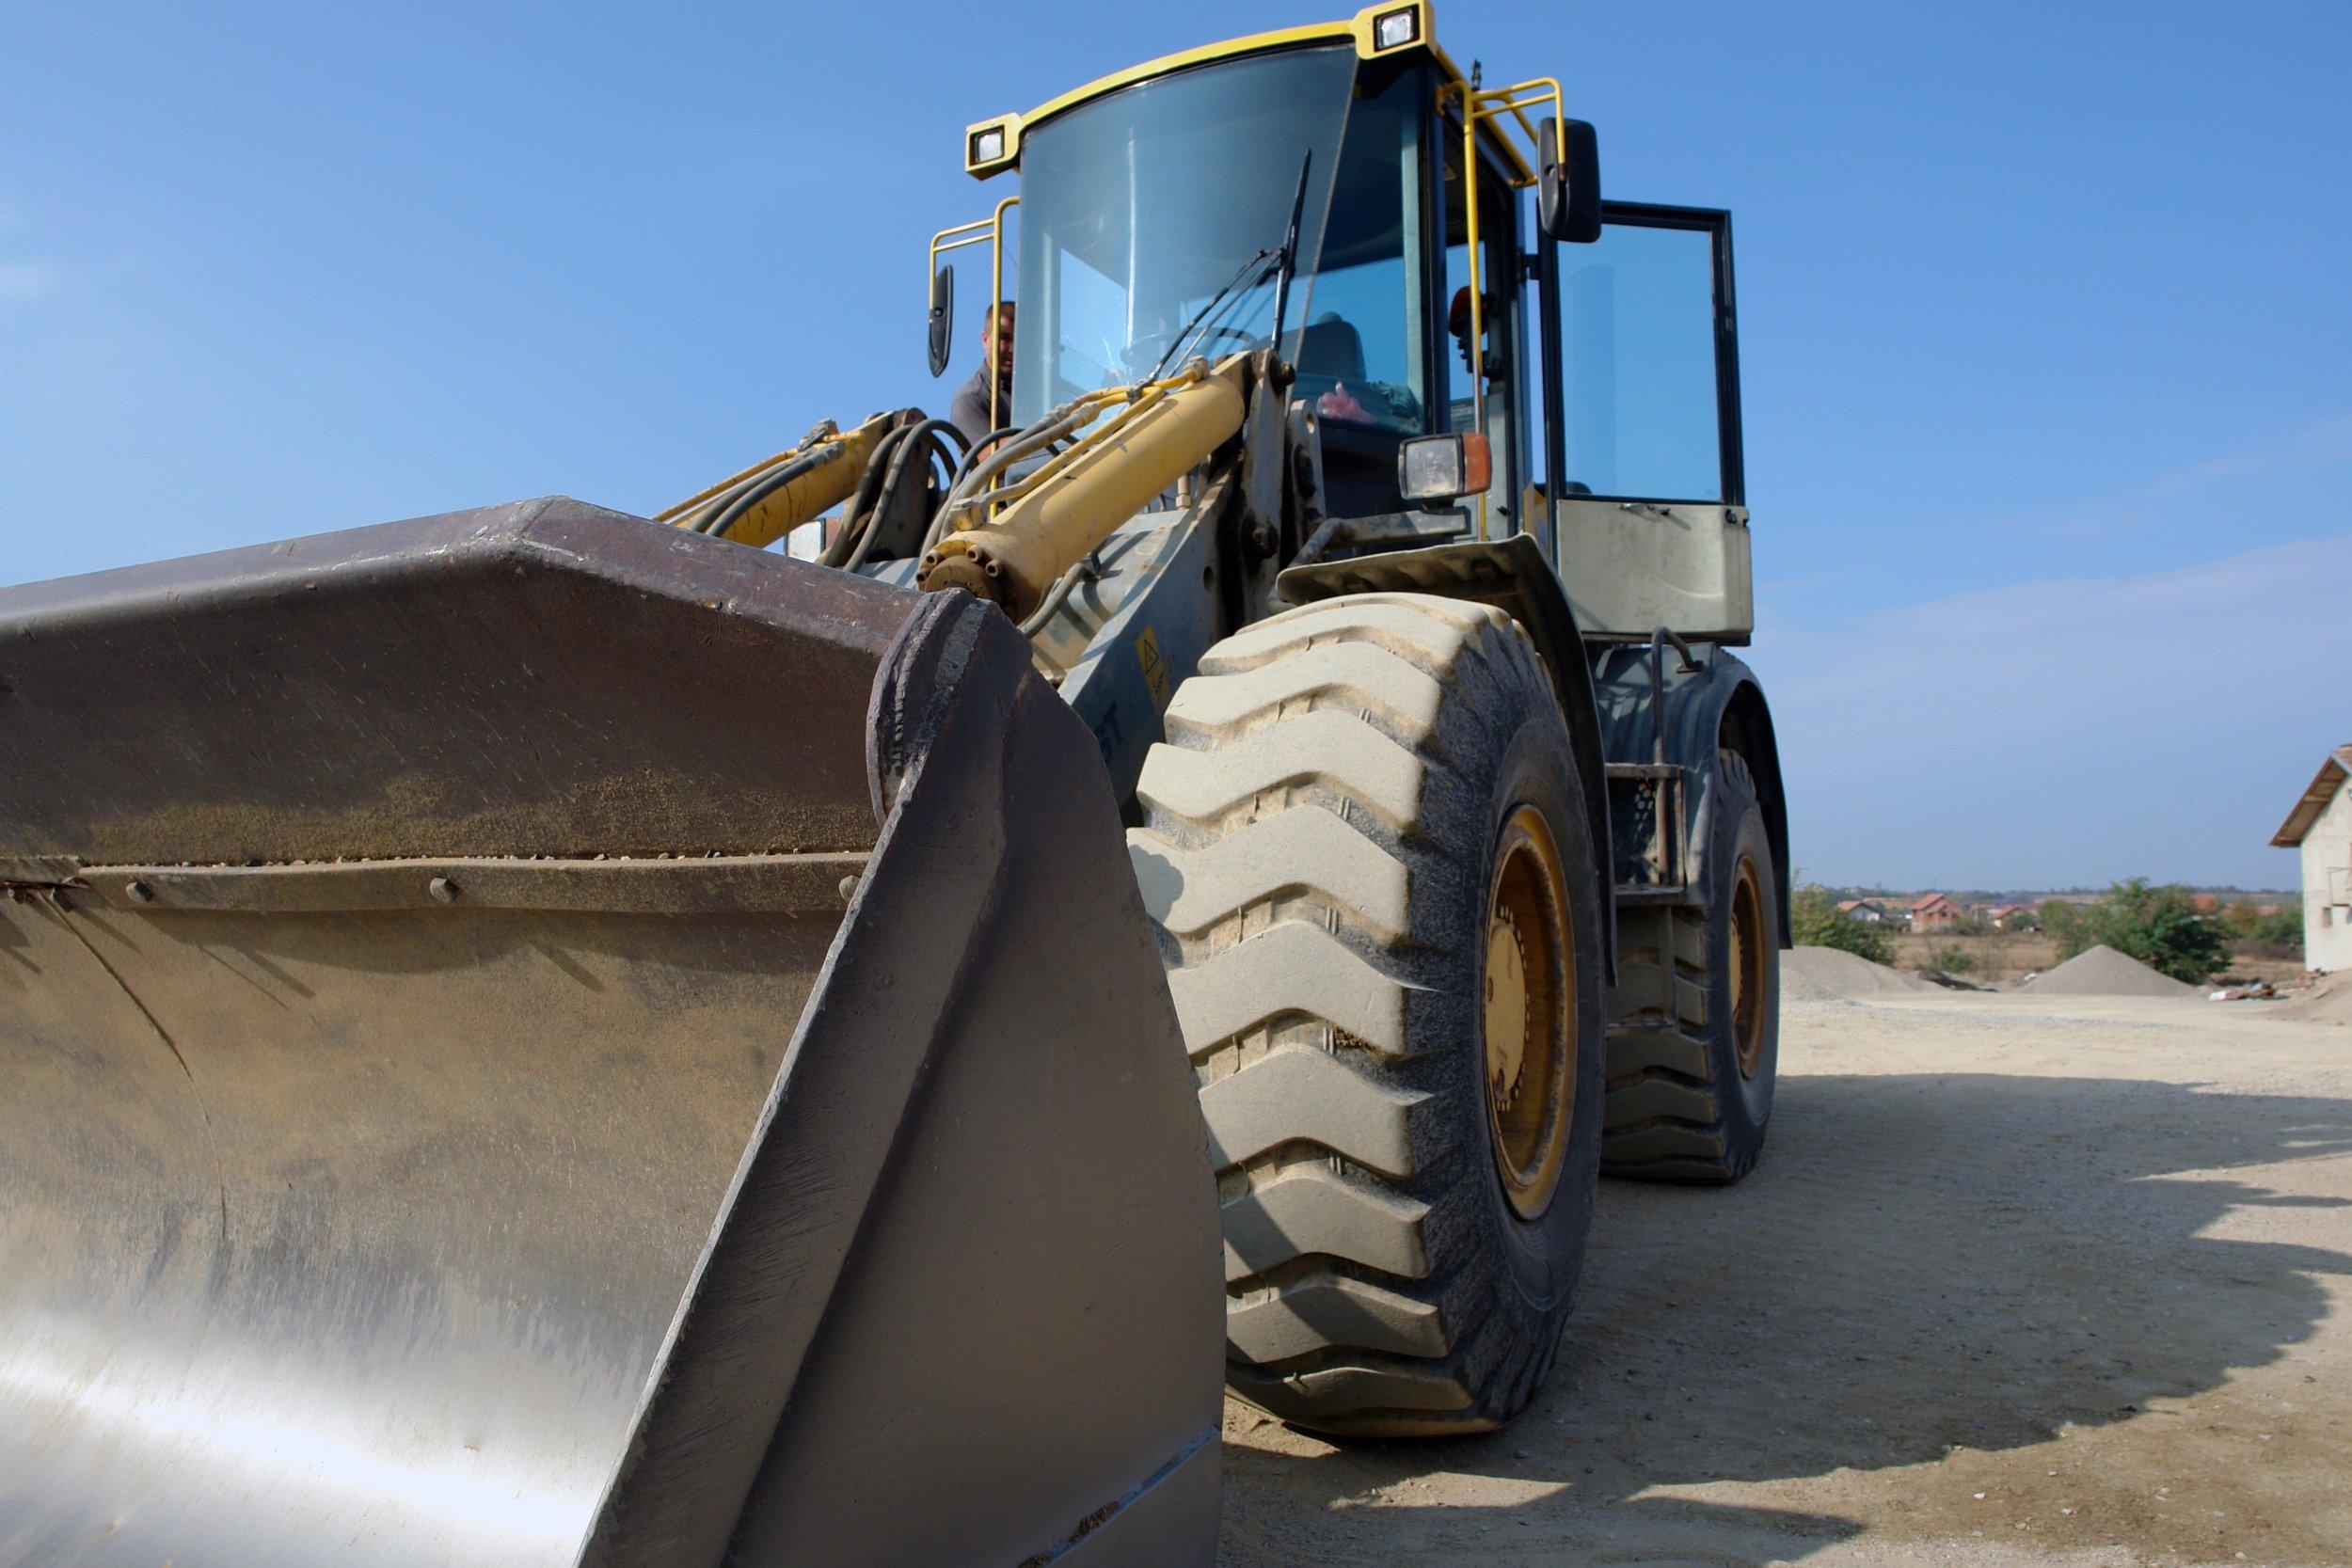 bulldozer-clear-sky-construction-533224.jpg